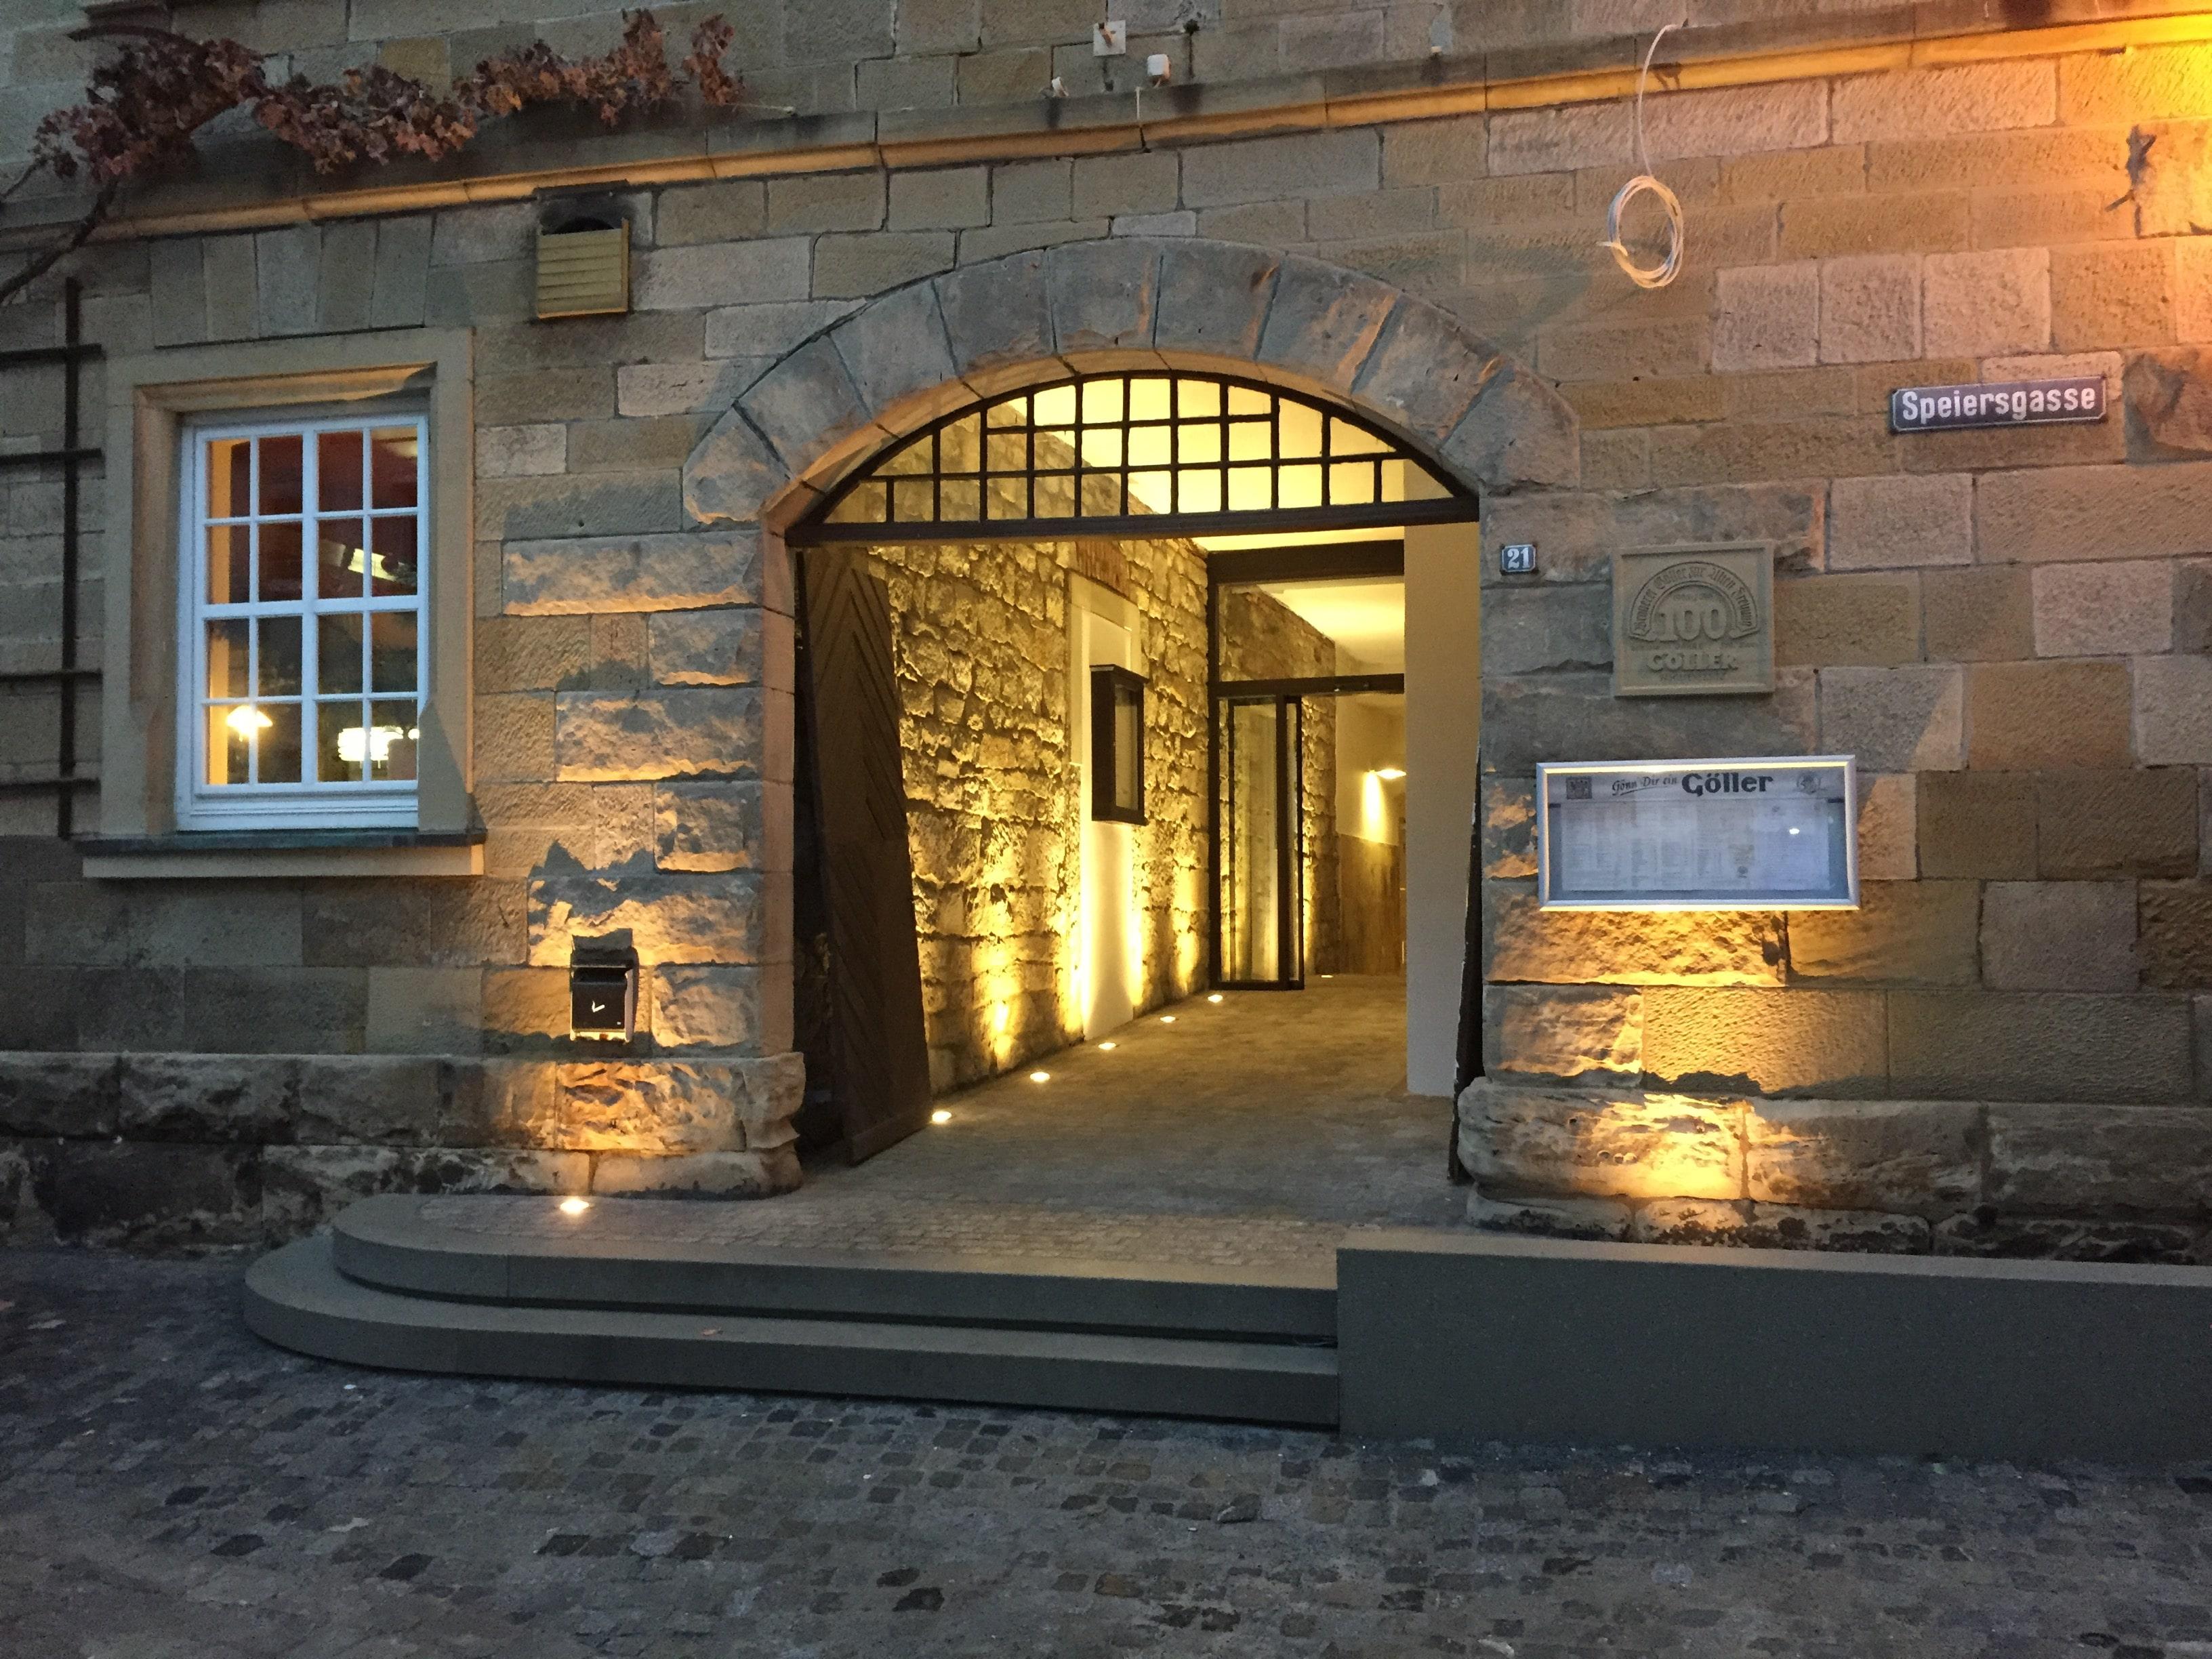 Umbau Und Sanierung Zur Alten Freyung Brauerei Goller In Zeil Hubertus Gieb Architketur Gmbh